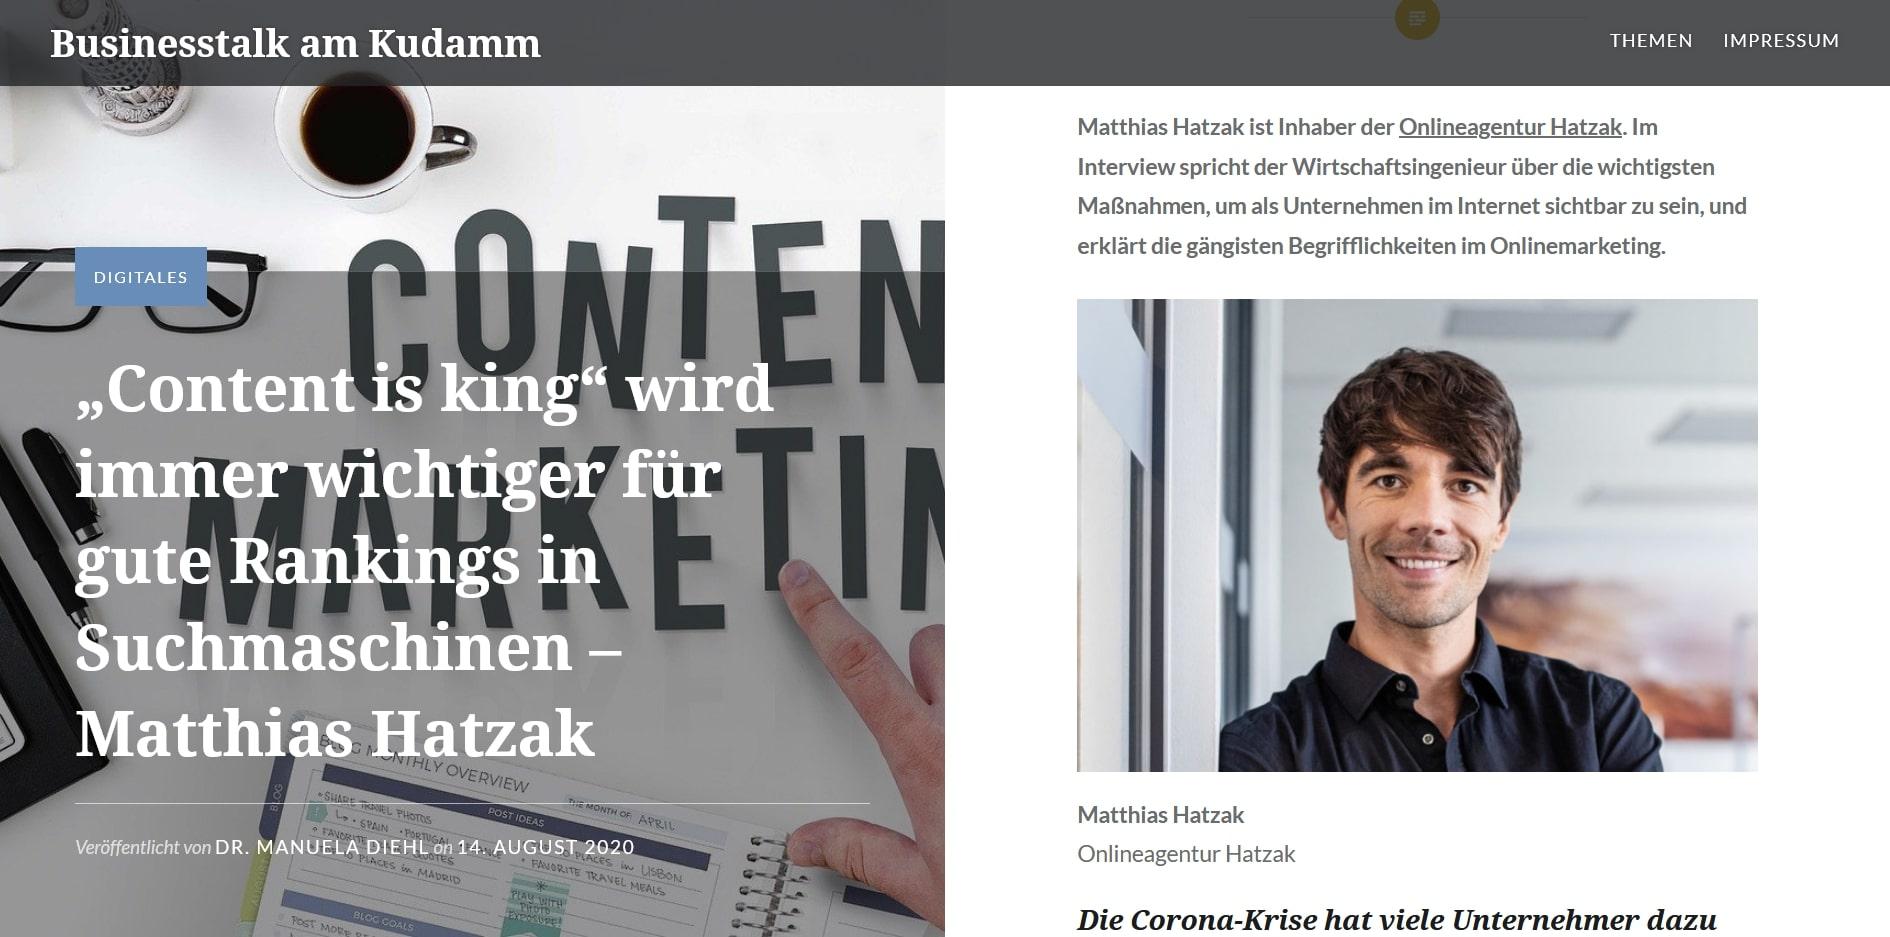 """""""Content is king"""" wird immer wichtiger für gute Rankings in Suchmaschinen - Matthias Hatzak Businesst[...]"""